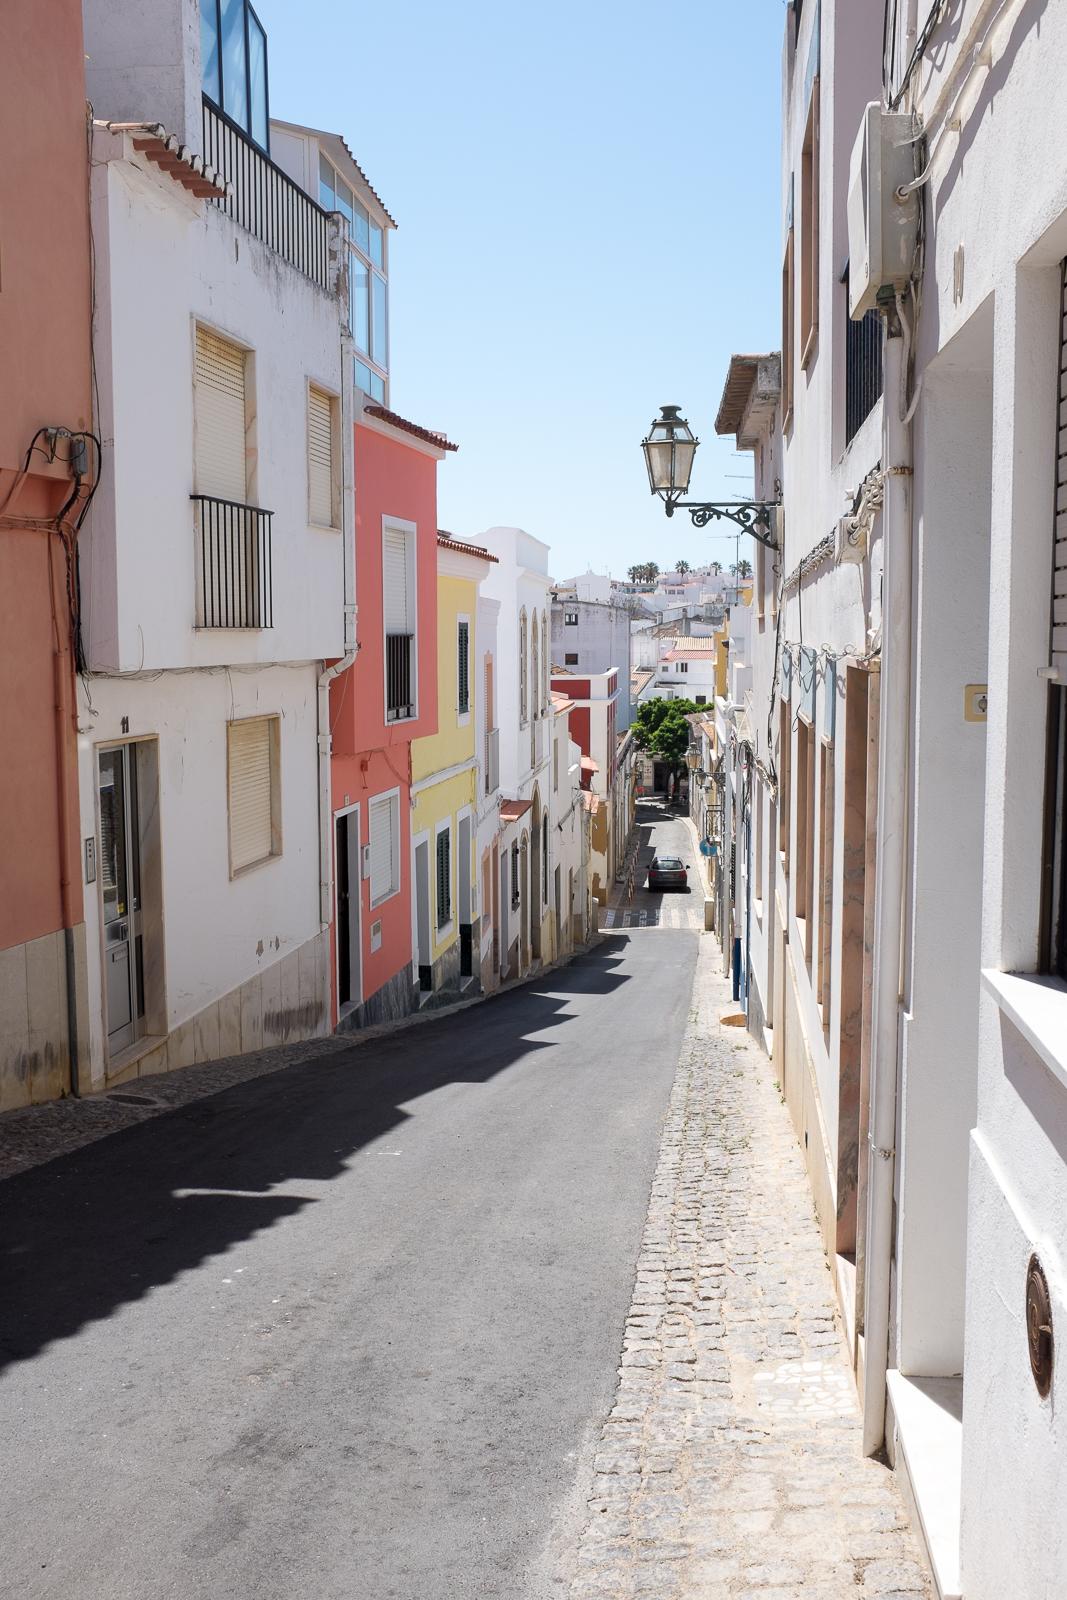 Dag06-Algarve-012-DSCF1877